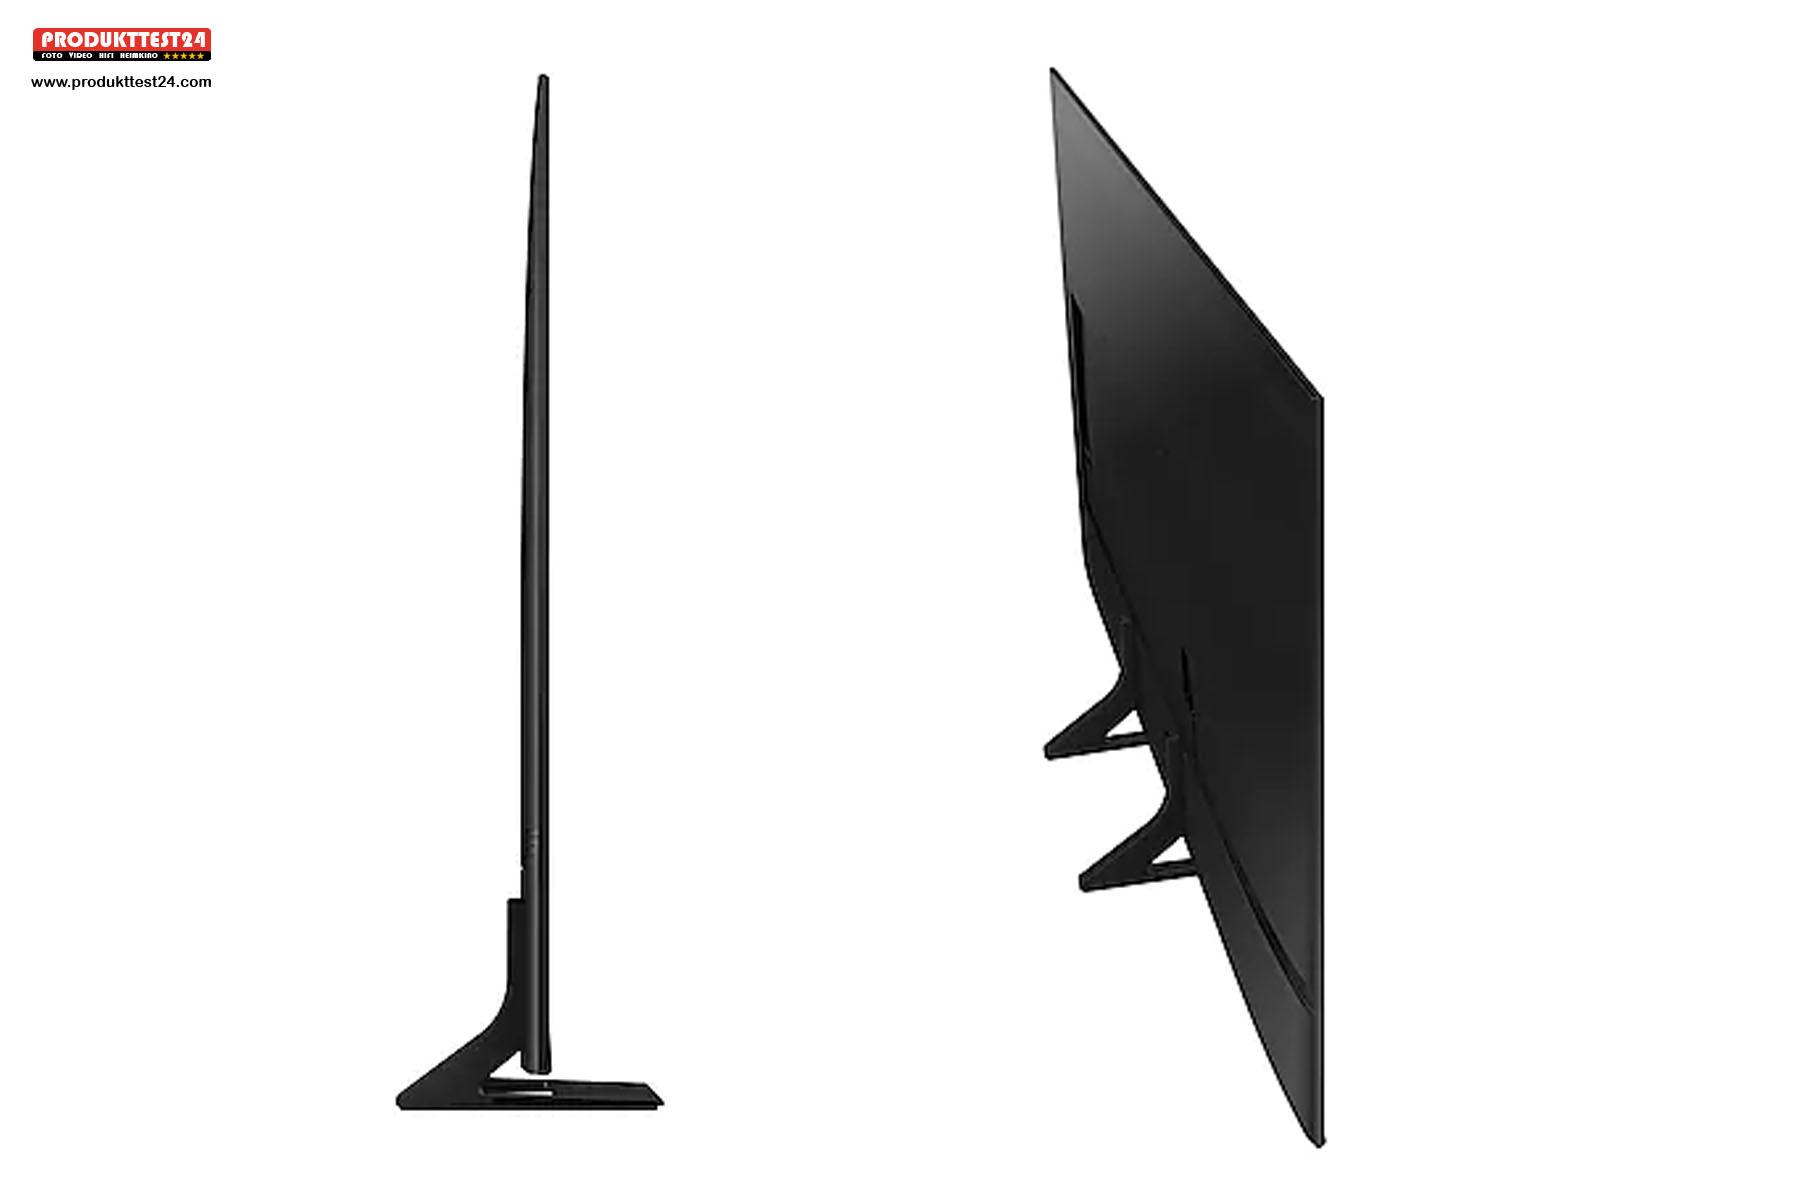 Der Samsung GU55AU9079 ist extrem schlank. Er misst nur 2,5 cm in der Tiefe!